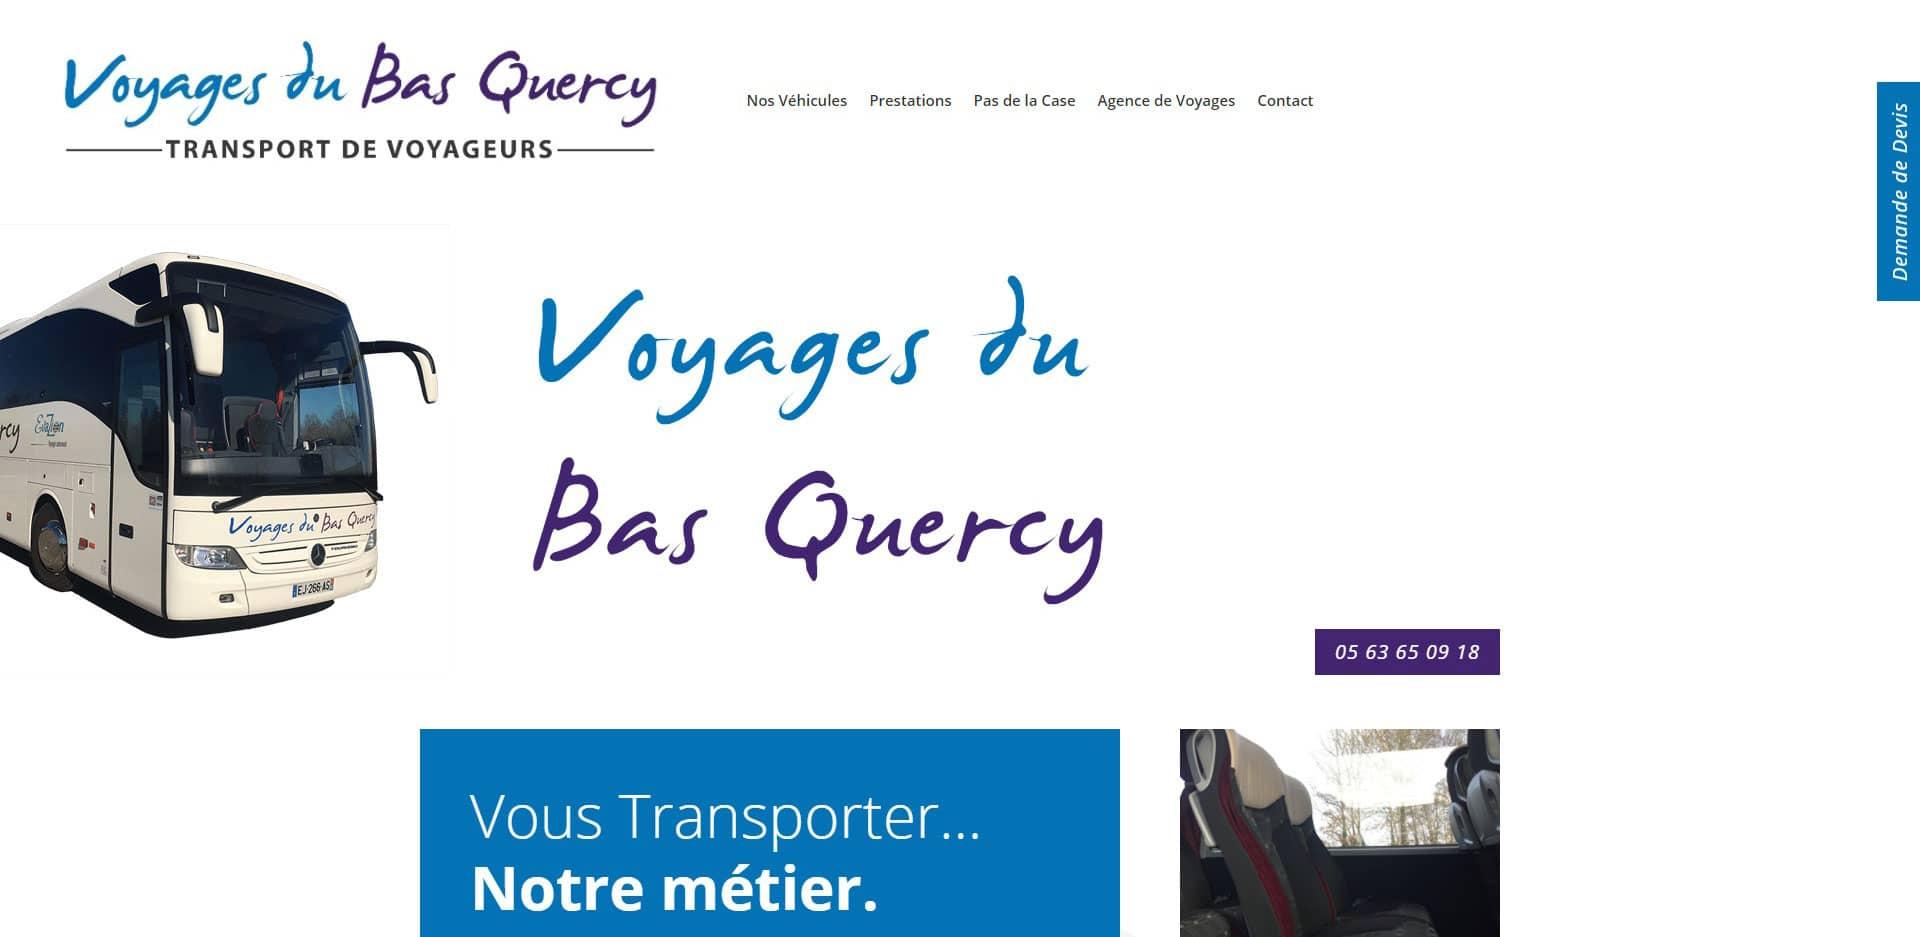 page d'accueil du site internet voyage du bas quercy